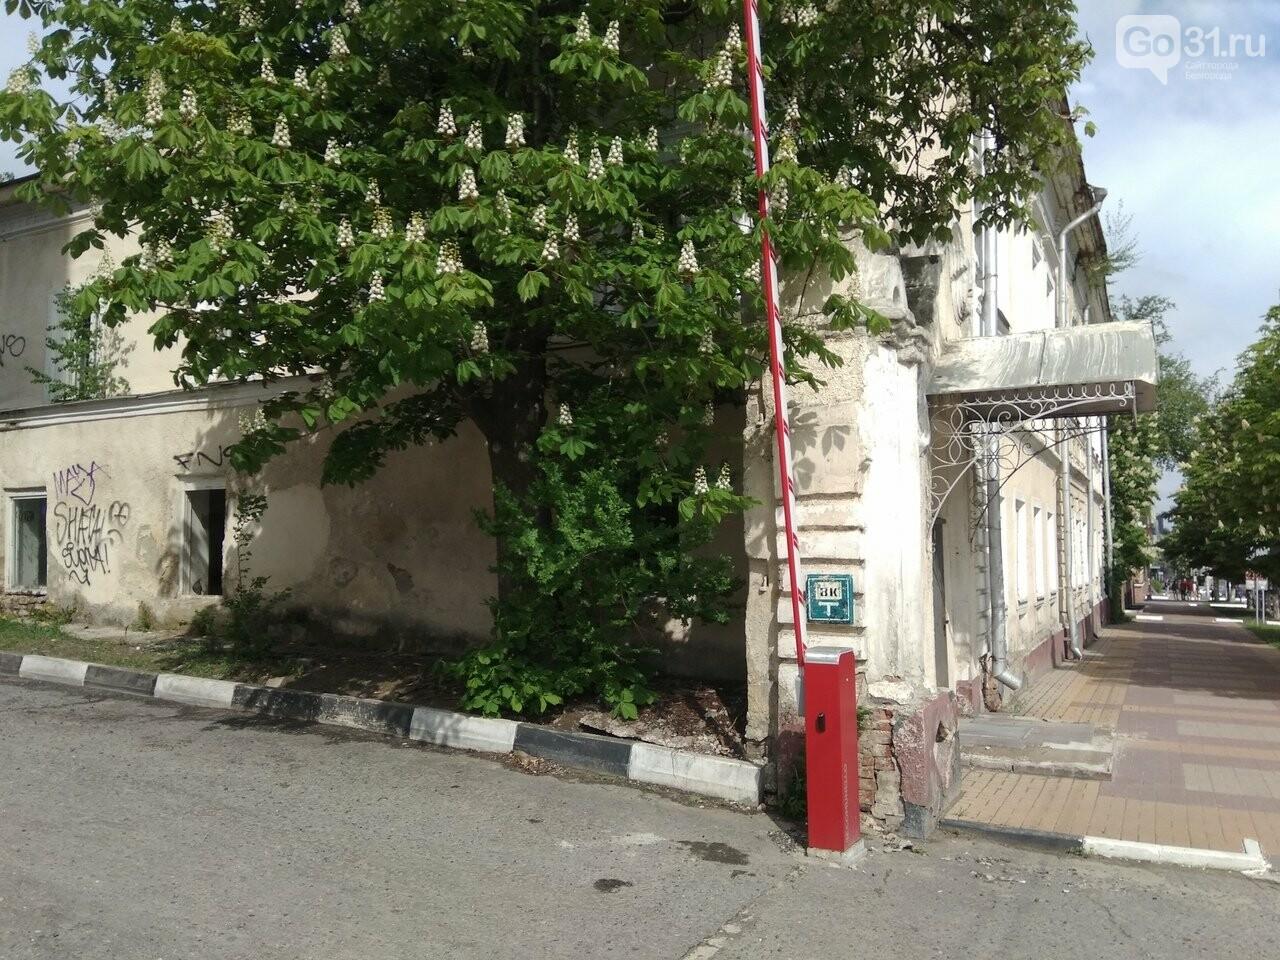 В Белгороде ищут инвестора для реставрации здания женской гимназии Коротковой, фото-7